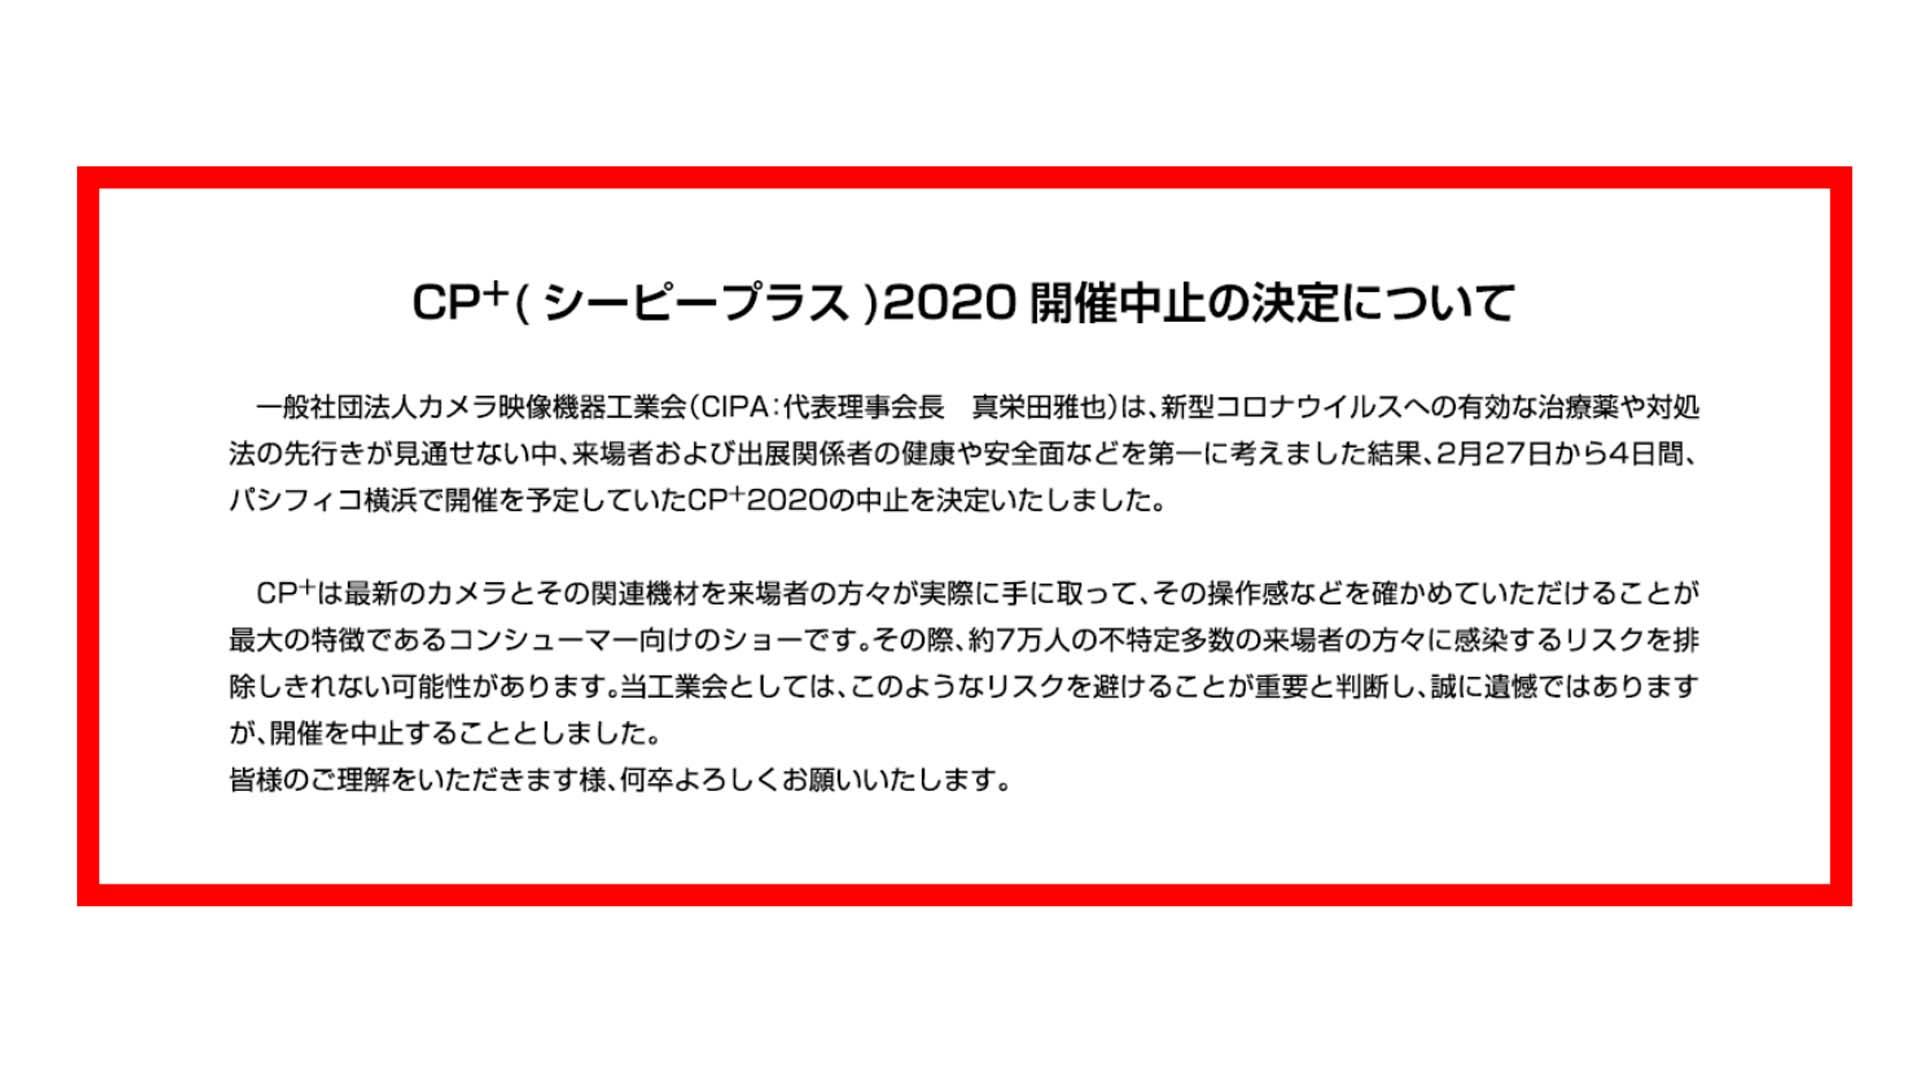 CP+2020が中止に - 新型コロナウイルスを考慮